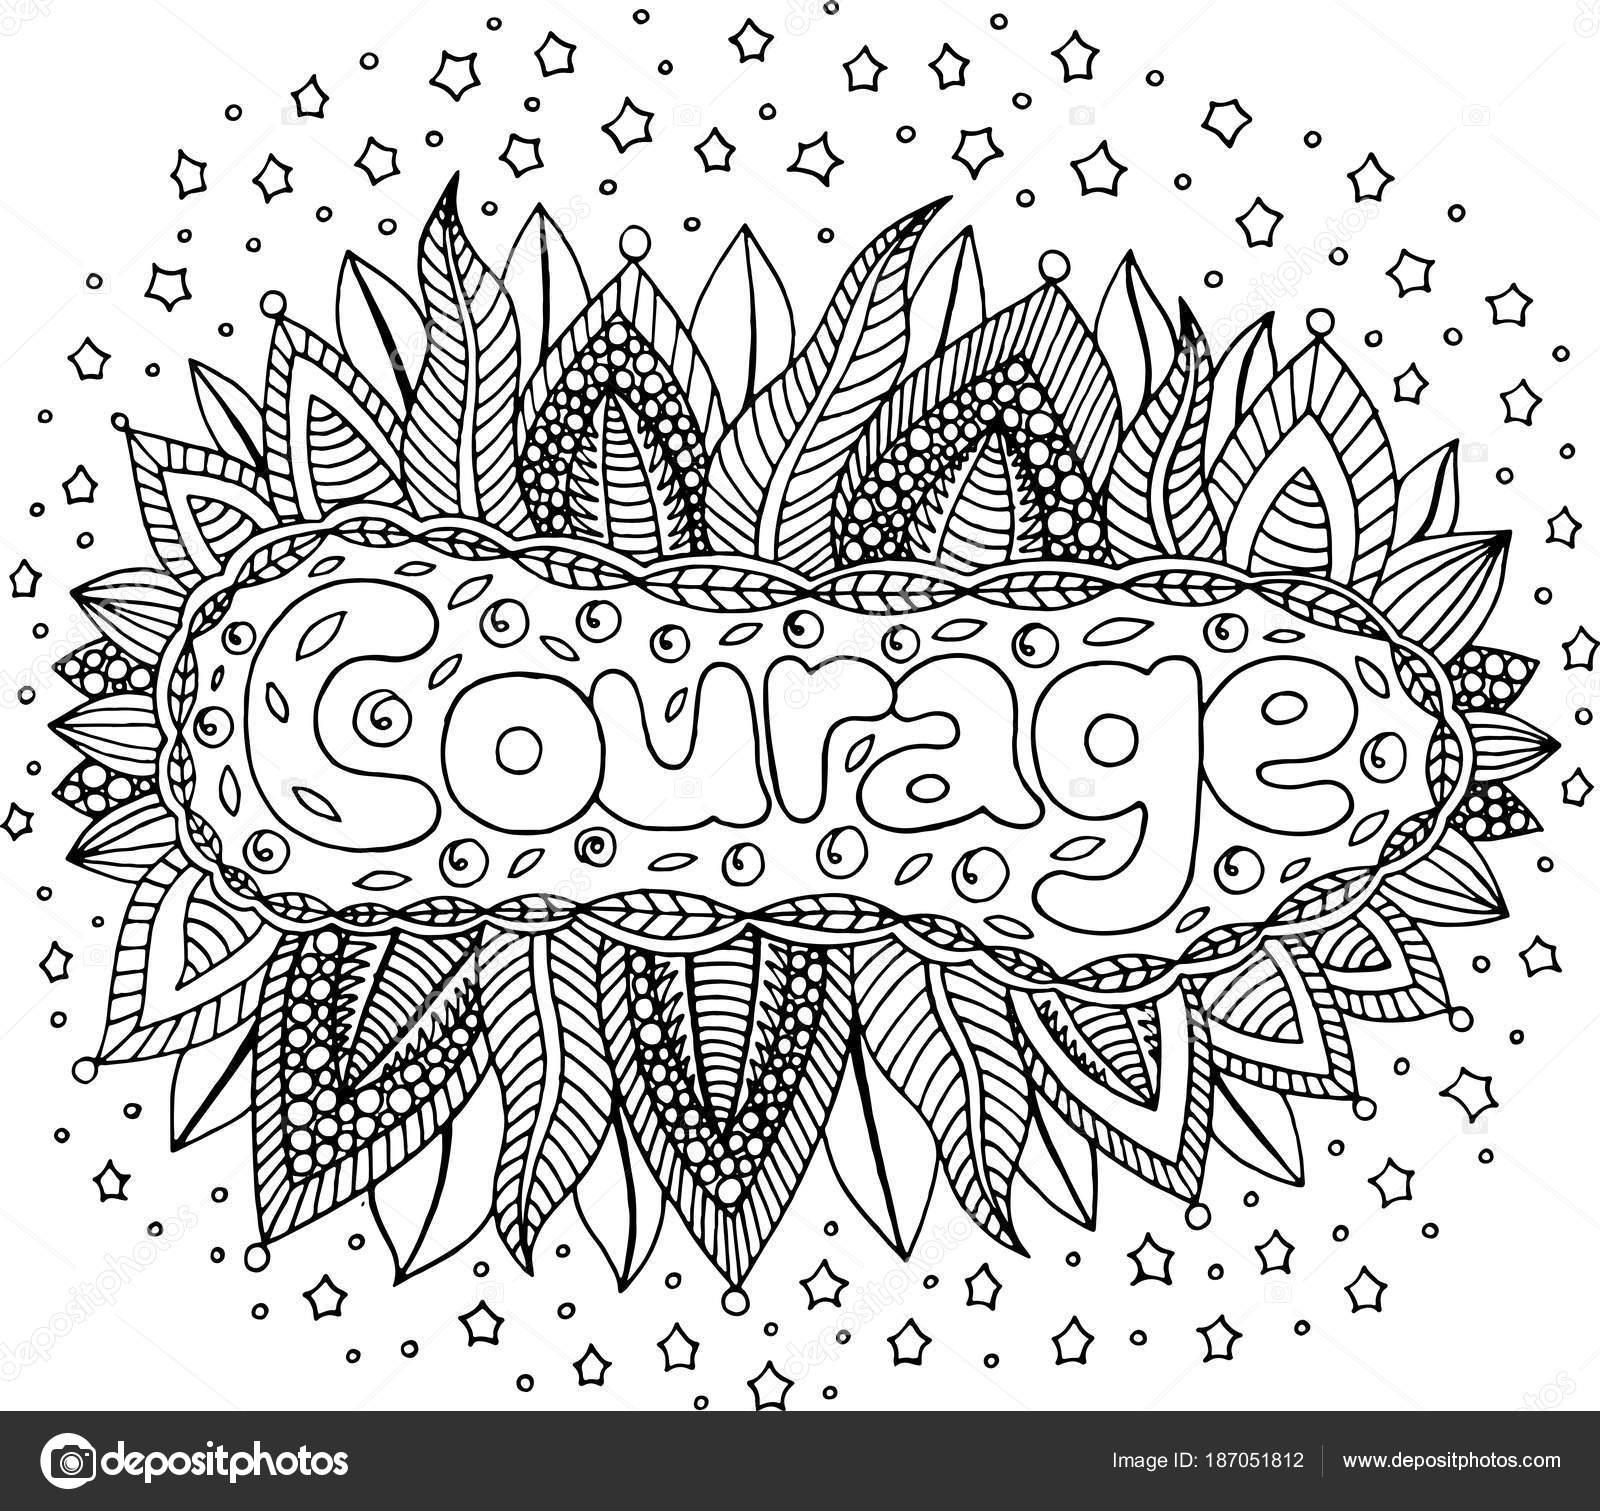 Malvorlagen für Erwachsene mit Wort Mandala und Mut. Doodle-l ...